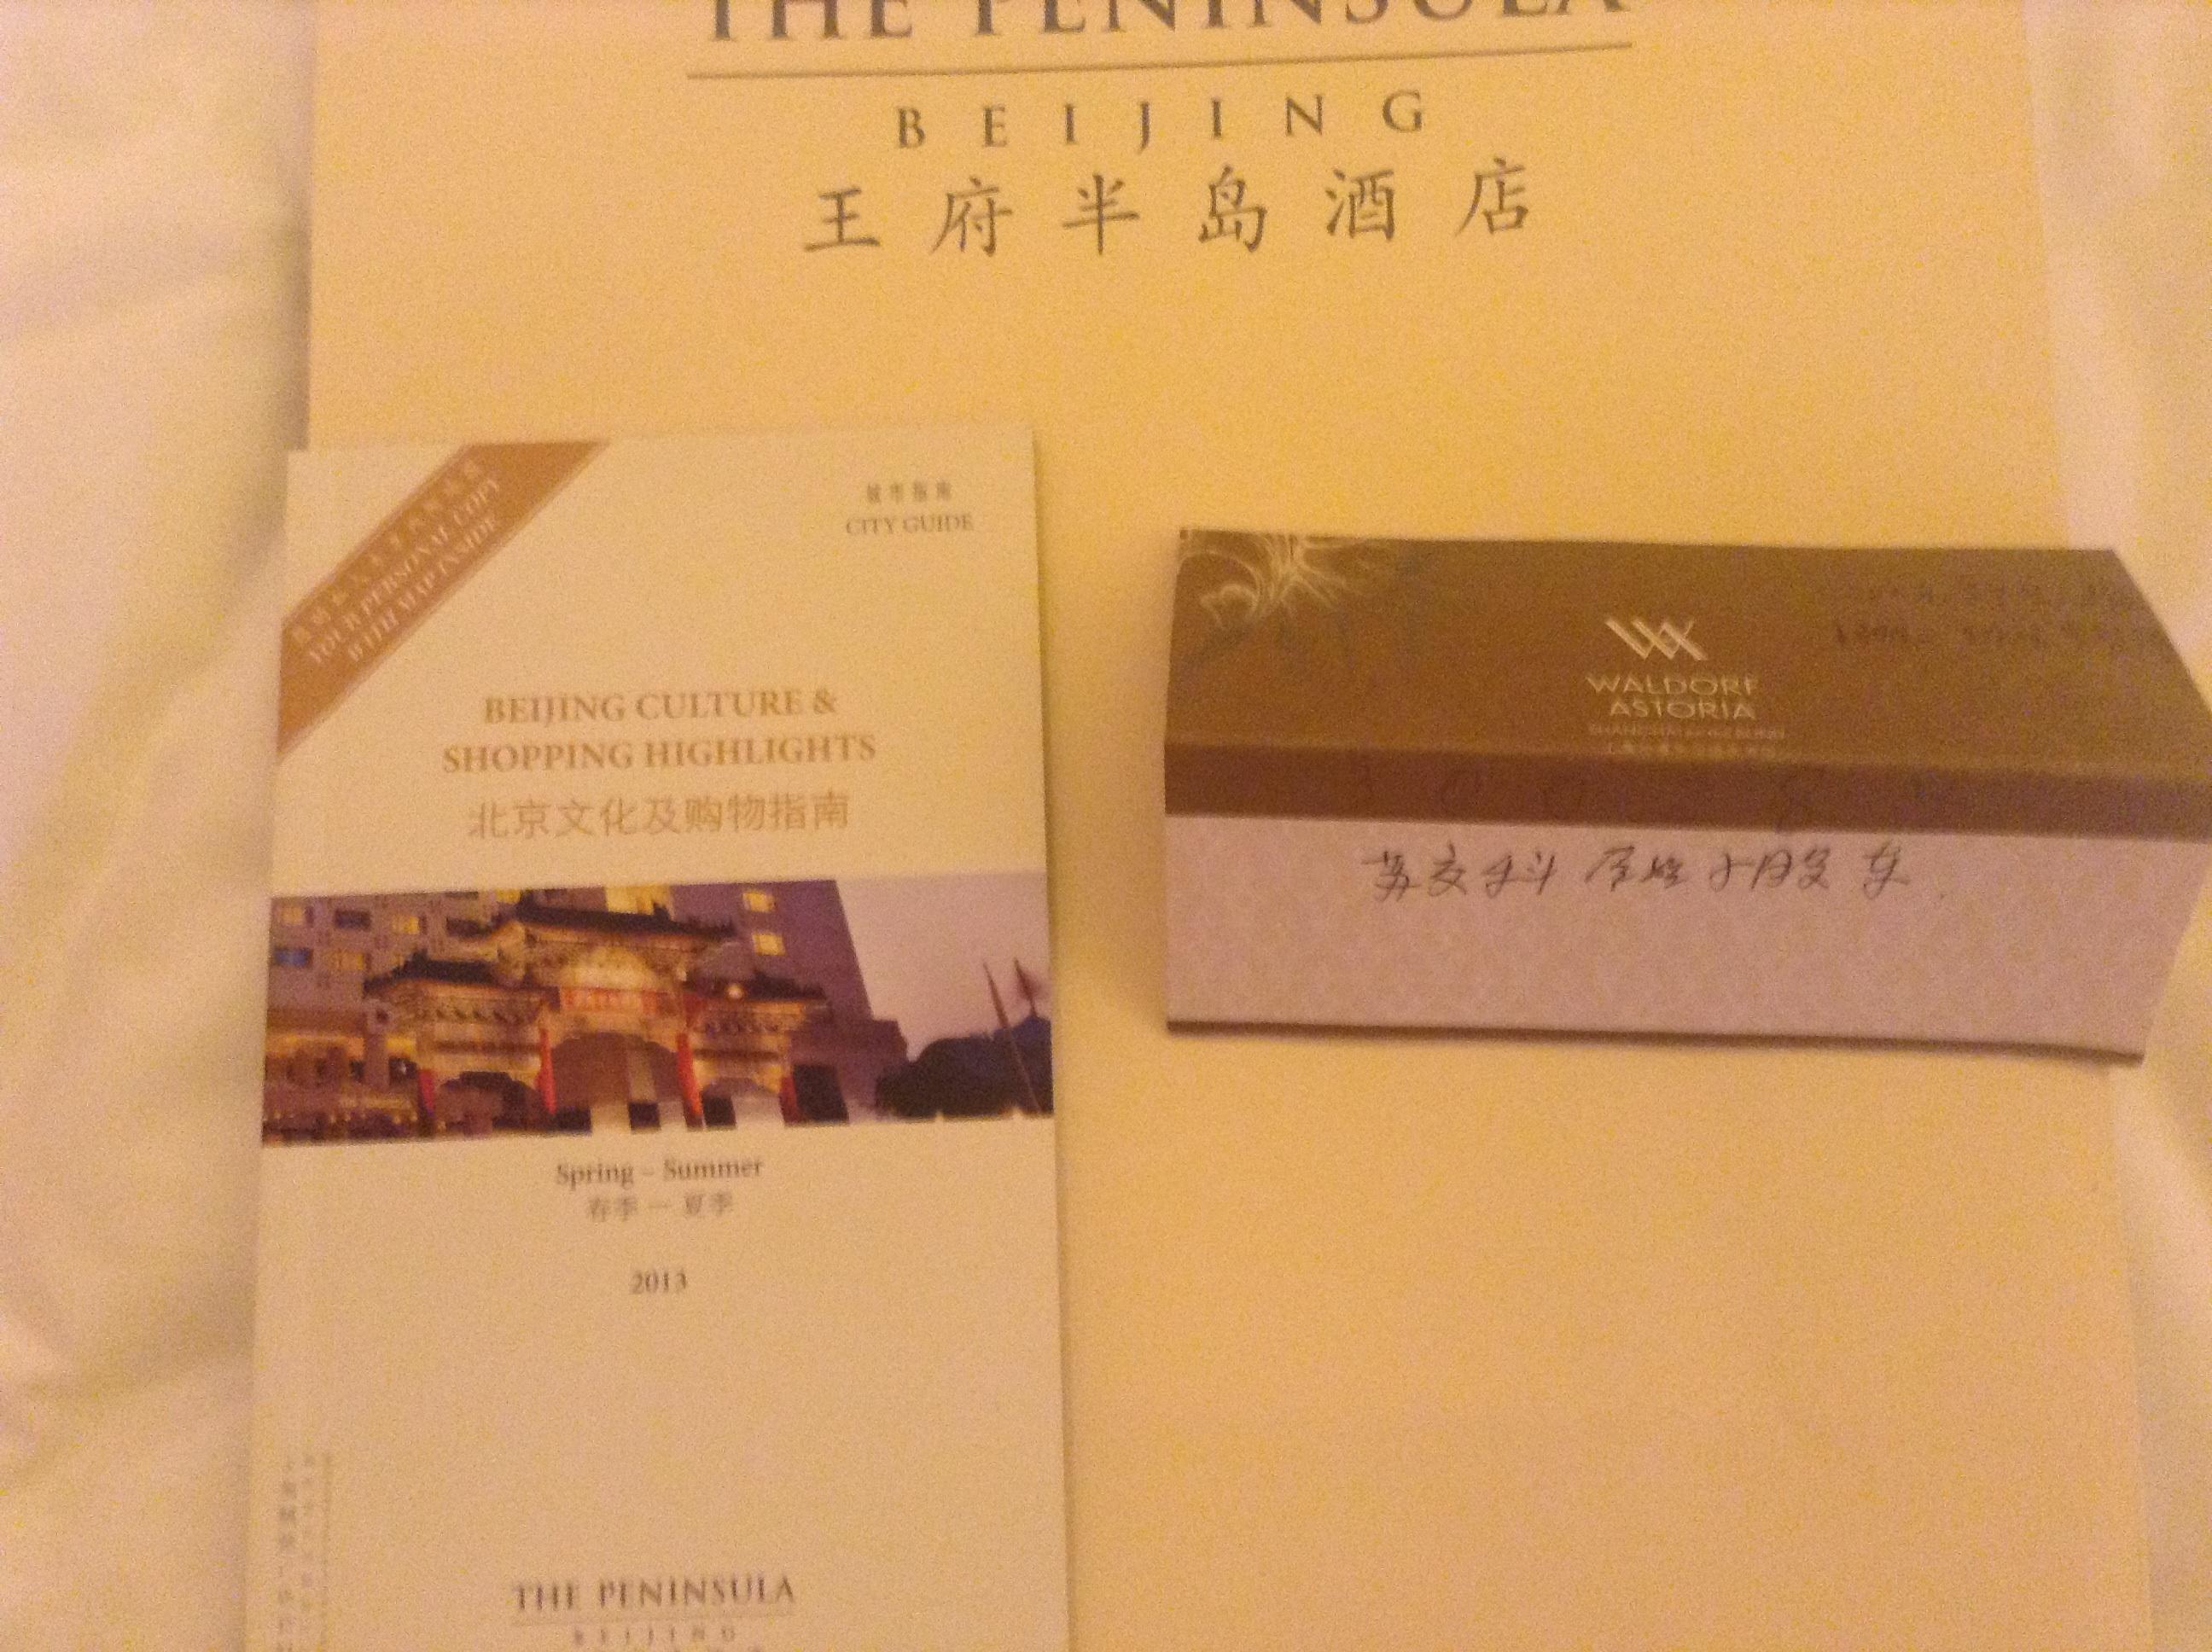 北京王府半岛酒店 花股民money